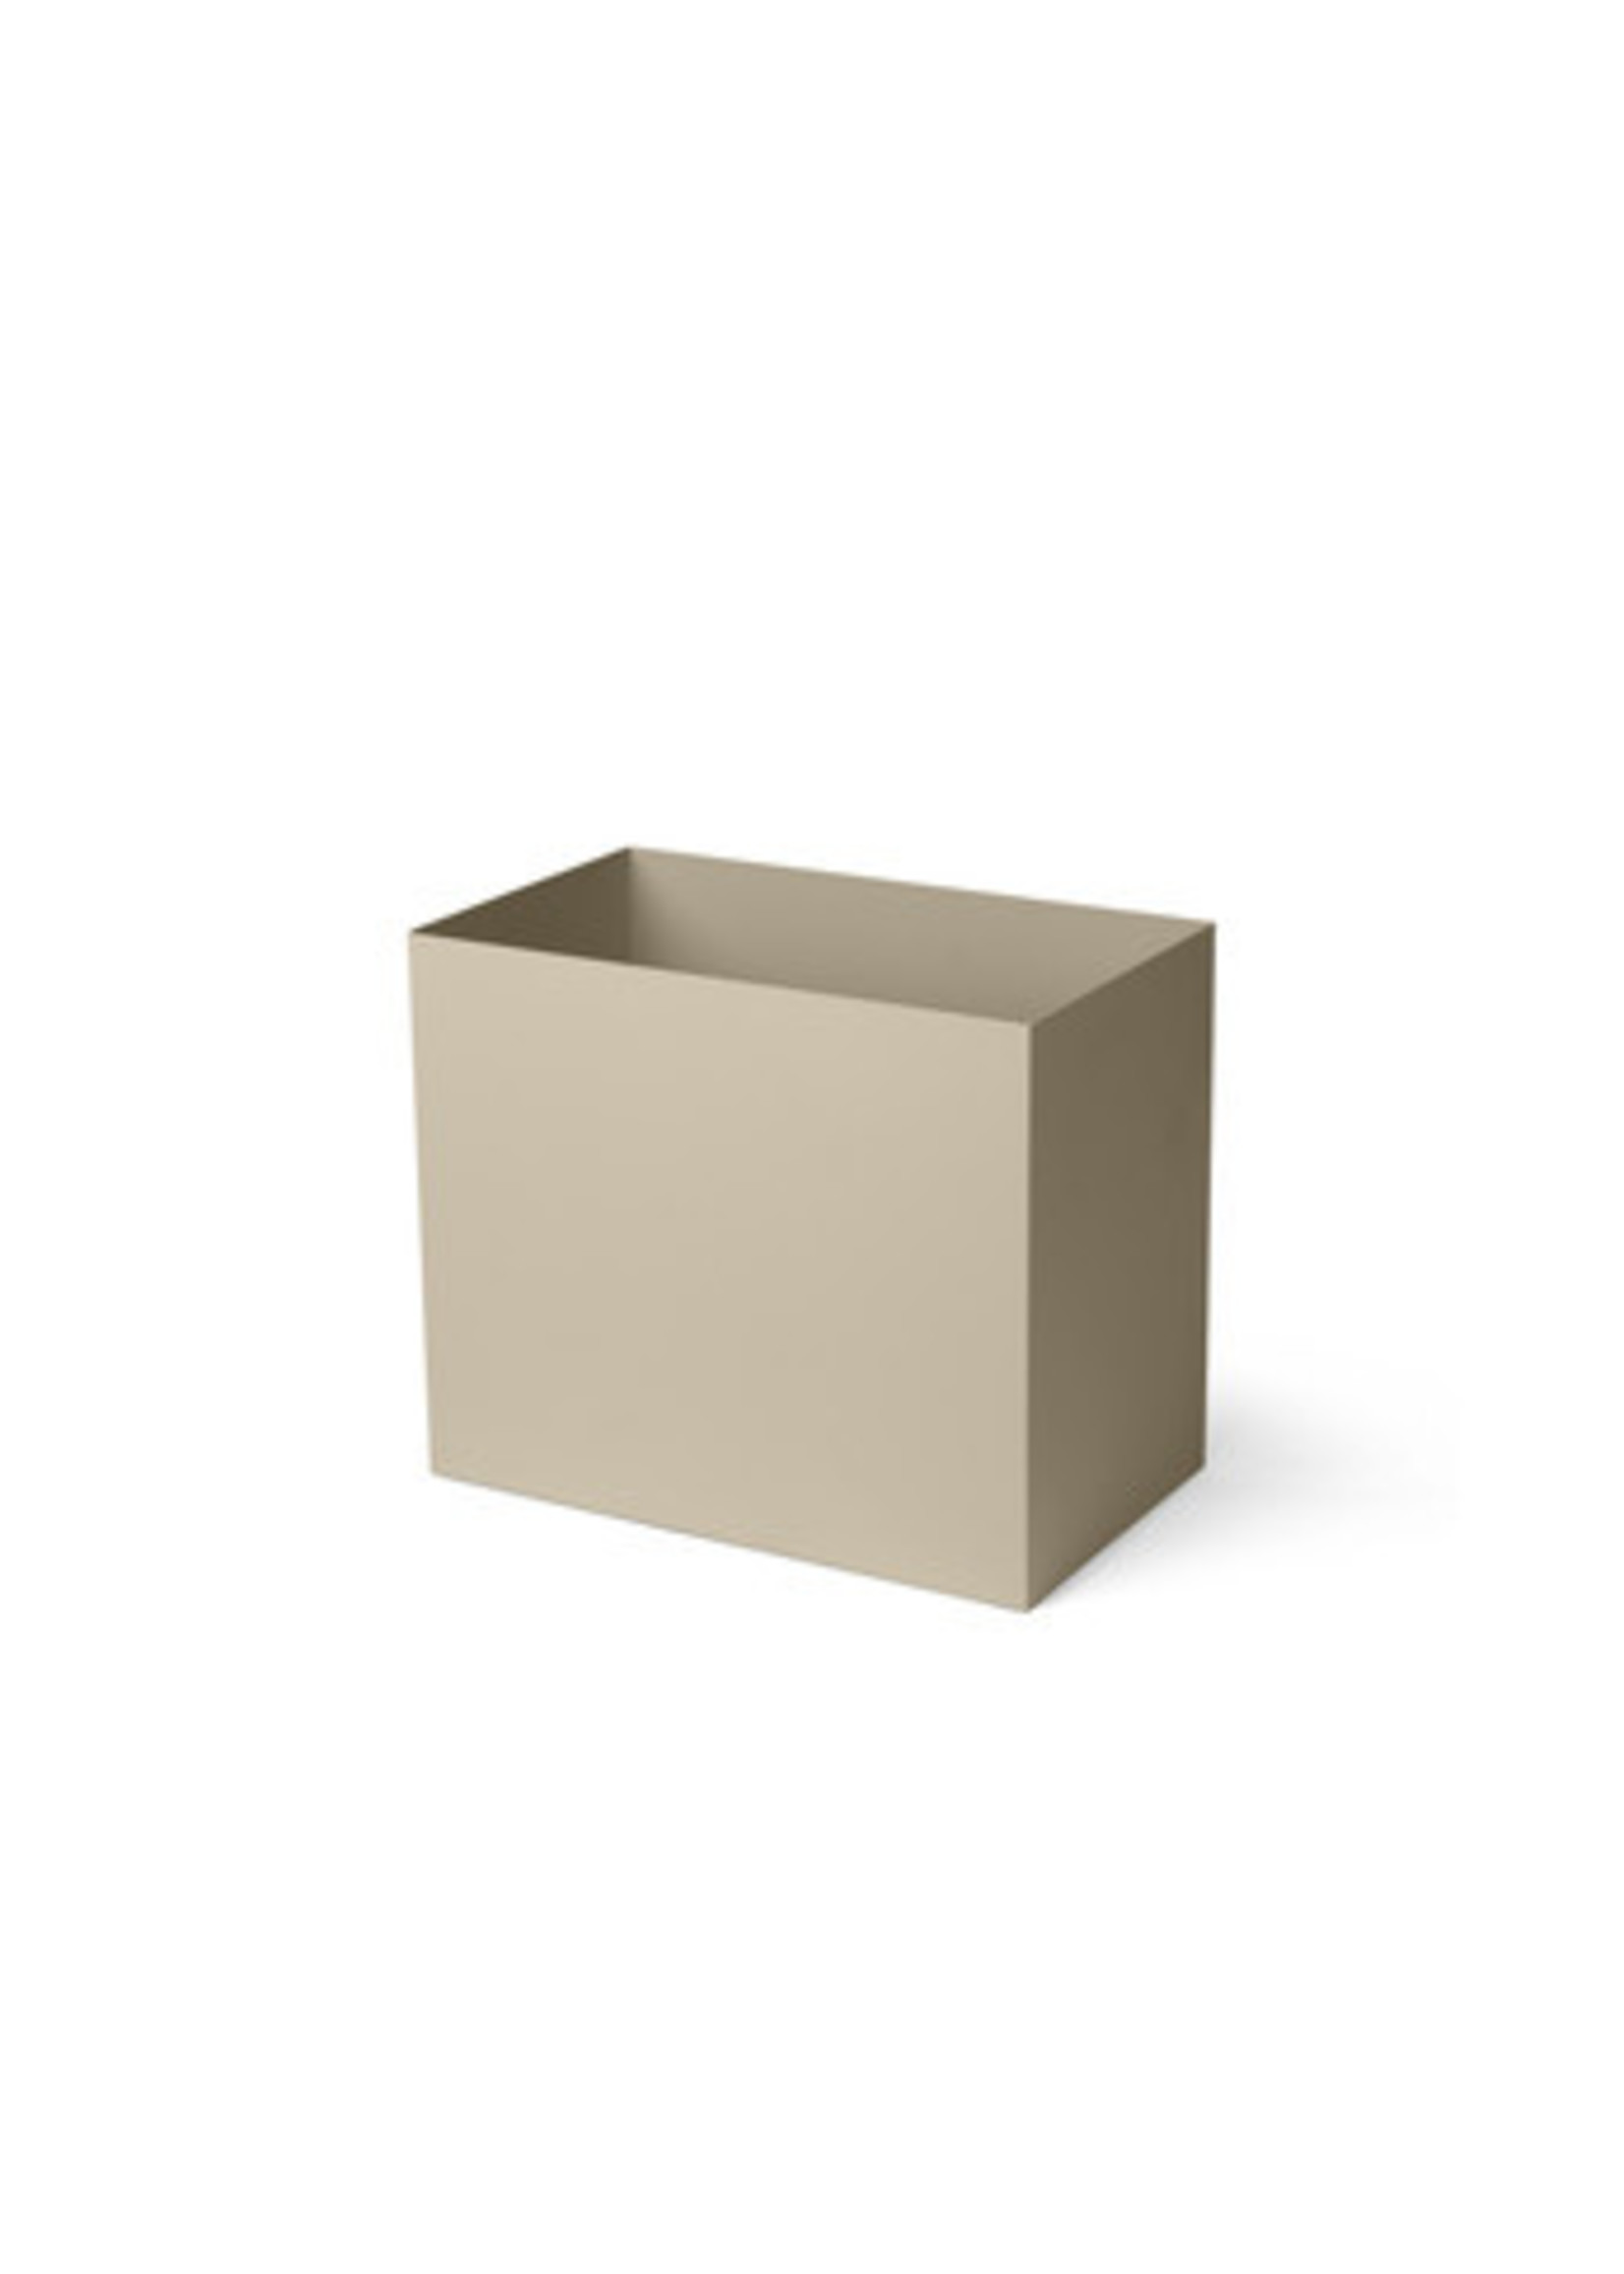 ferm LIVING ferm LIVING Plant Box Pot - Large - Cashmere